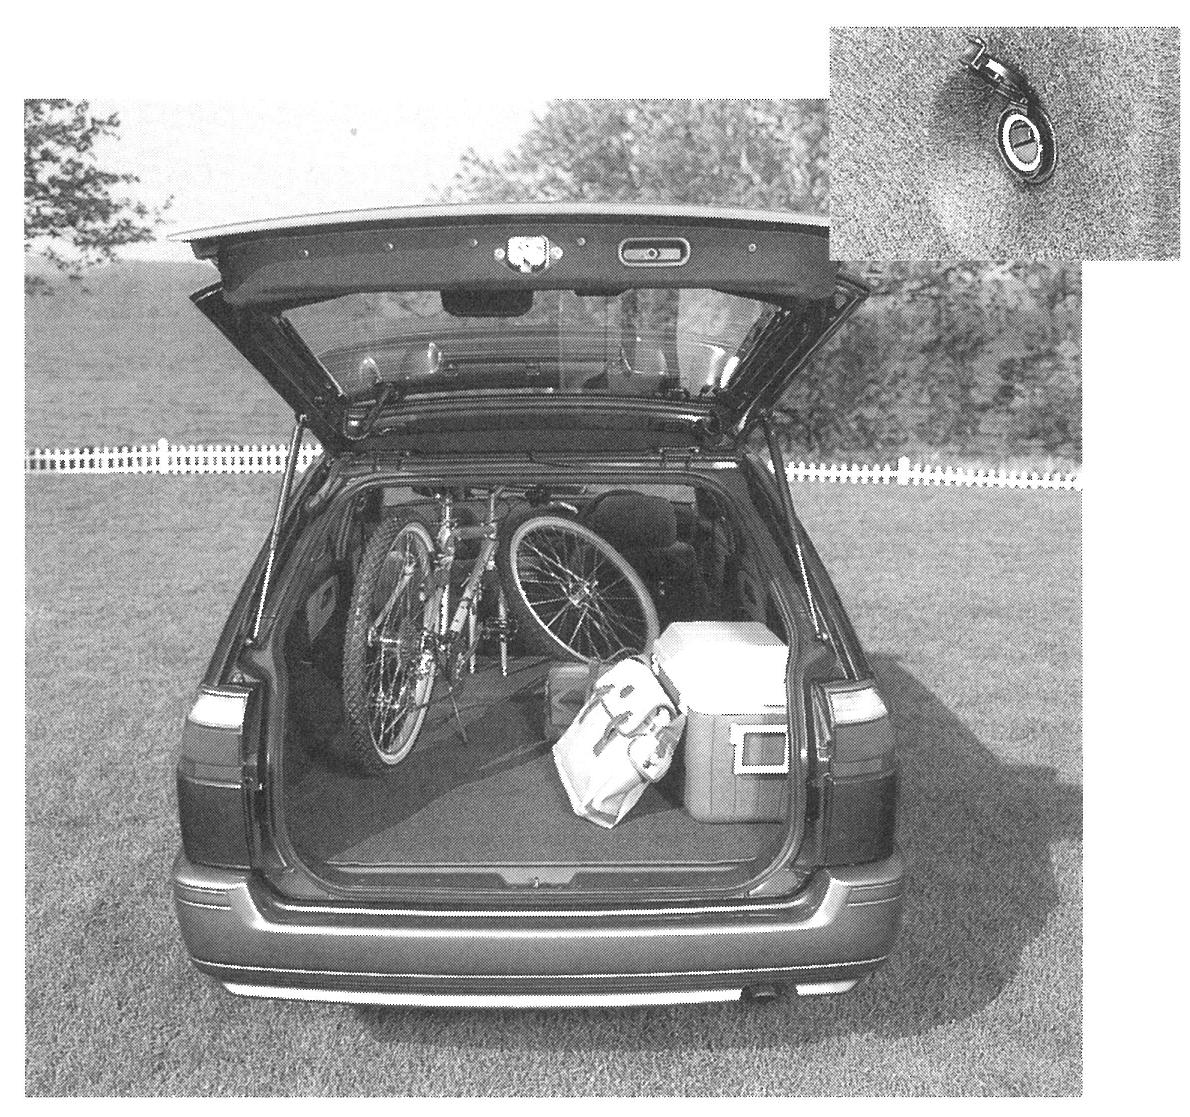 生活者ニーズに応え、後部荷室側面にキャンプ用品やアウトドア用品を接続できる予備電源コンセントを設置した。写真は「アベニール・サリュー」